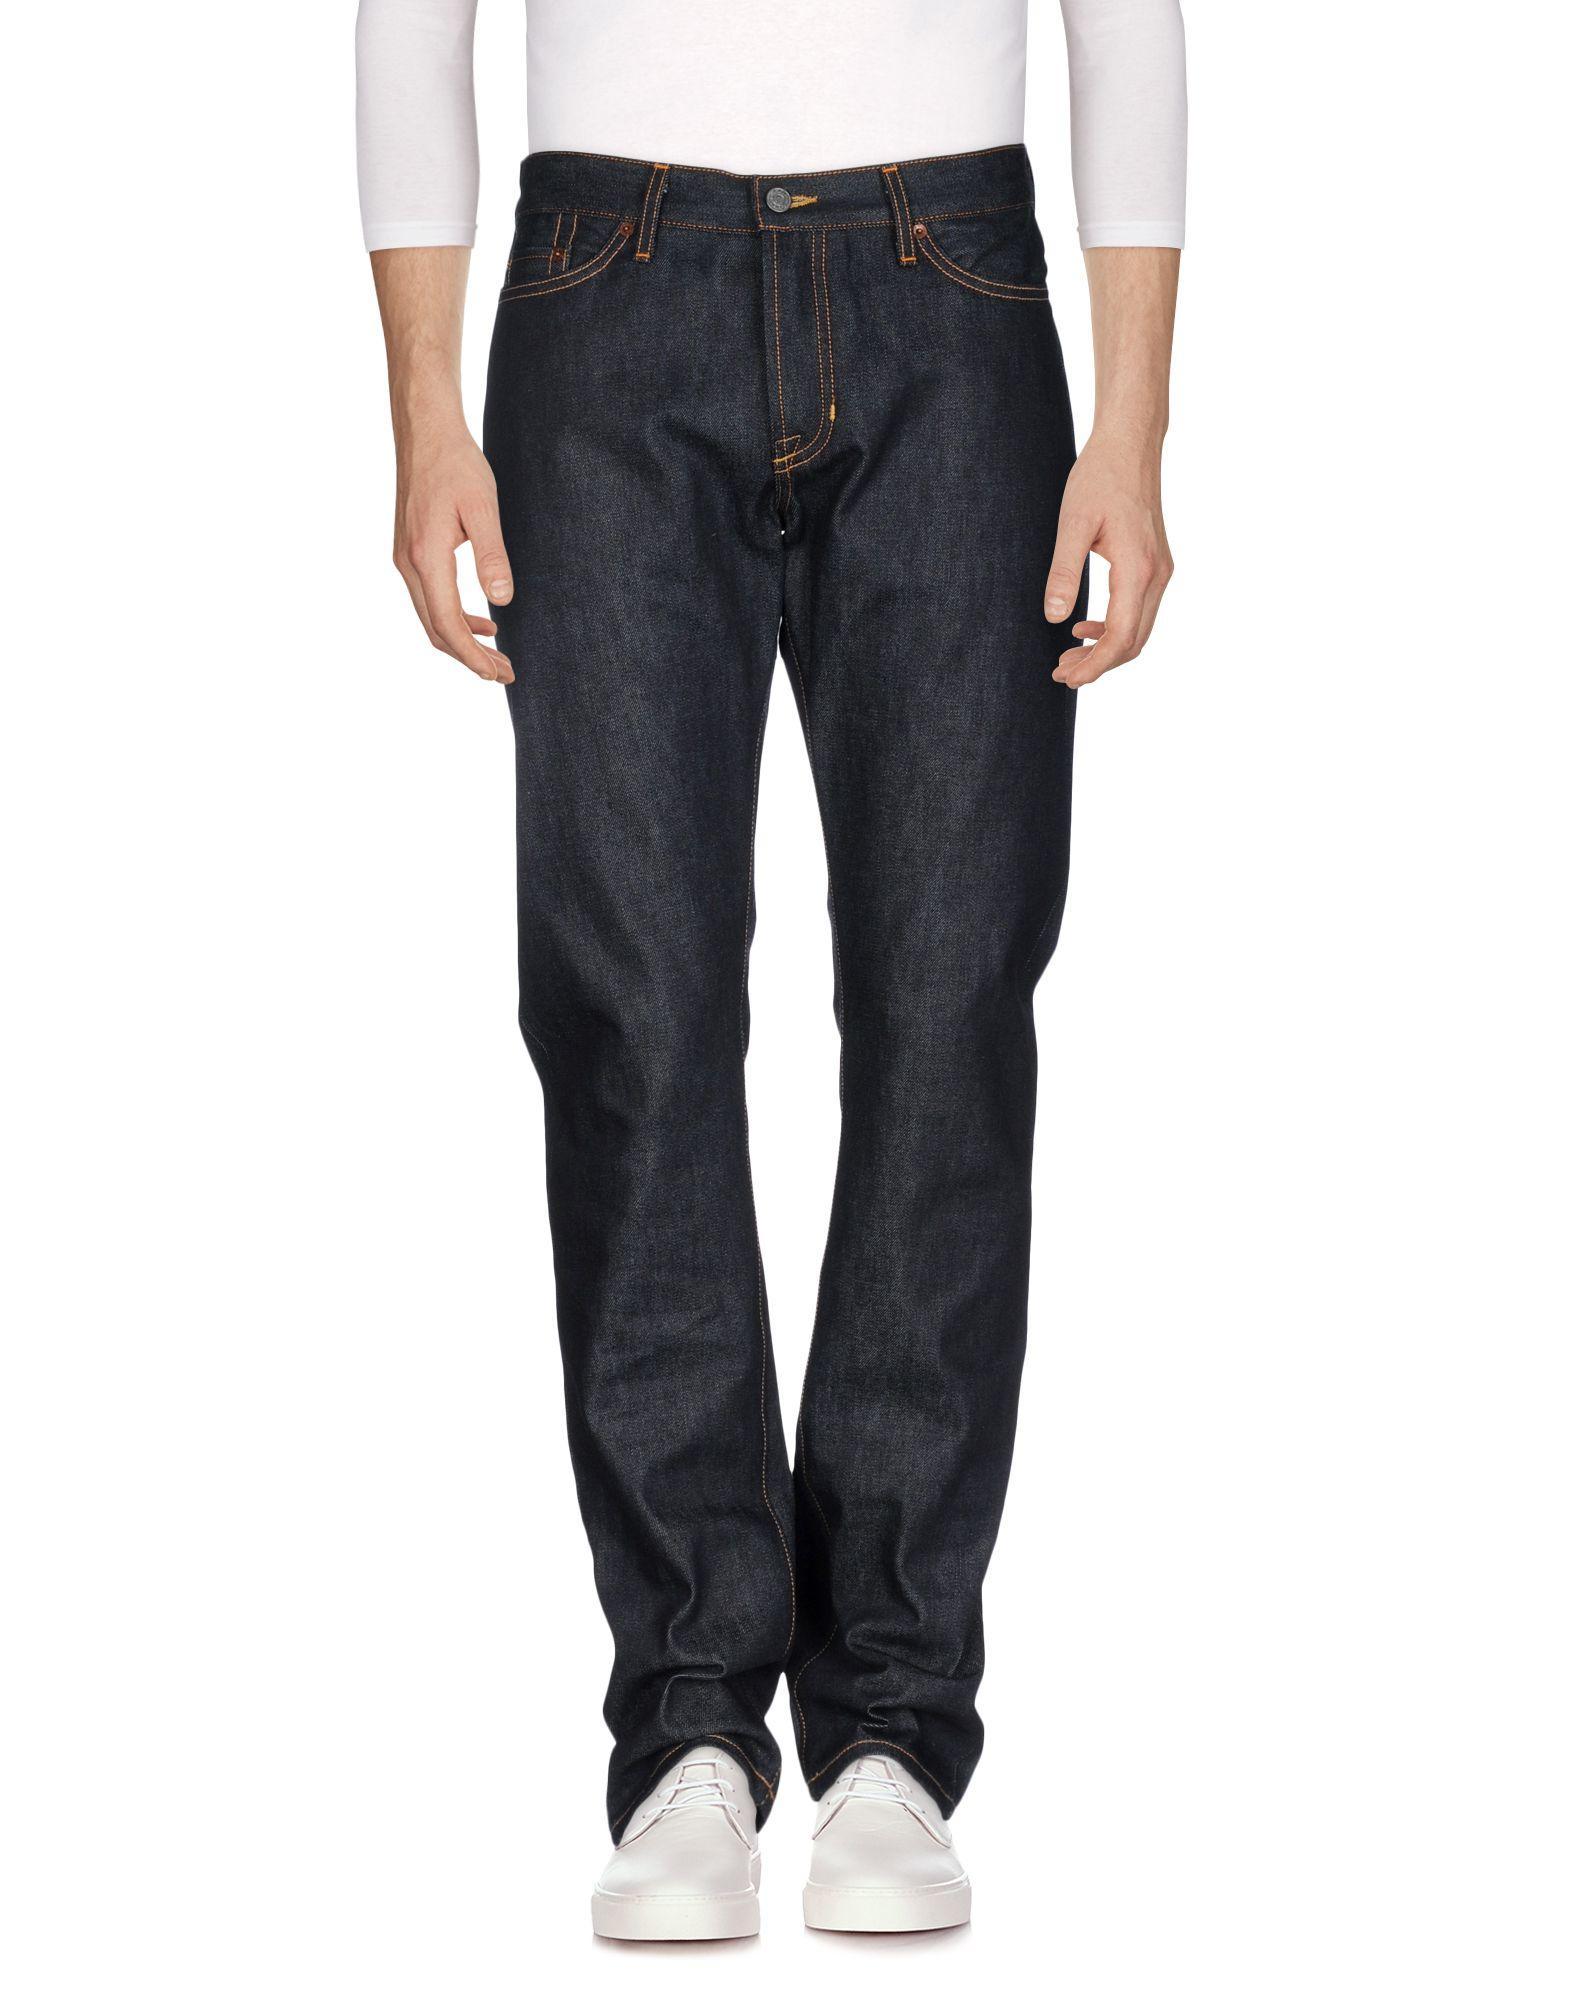 Jean Shop Jeans In Blue